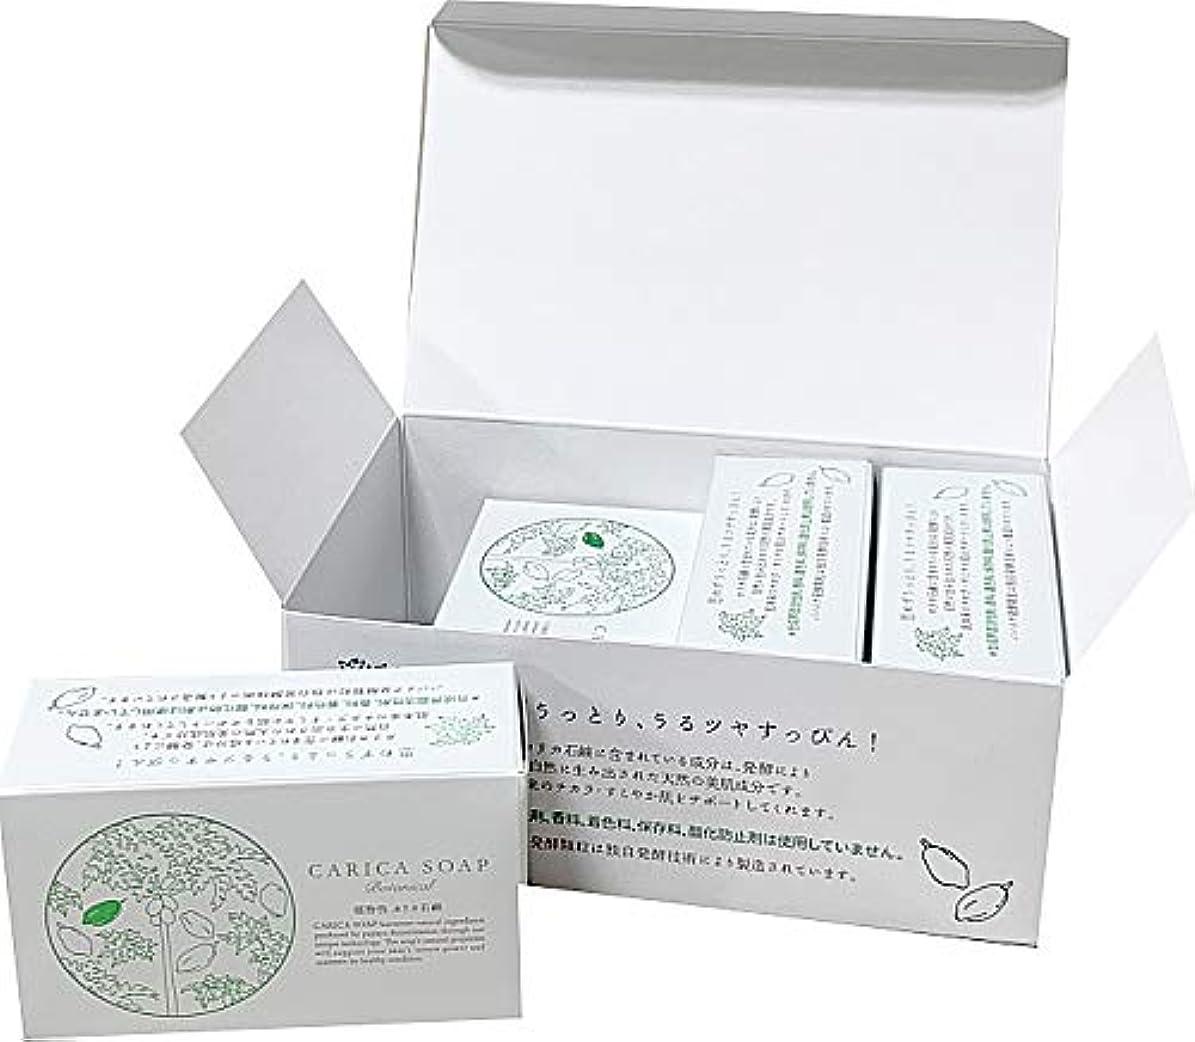 突き刺すバイオレット月曜日植物性カリカ石鹸100g お得な4個セット(箱入)